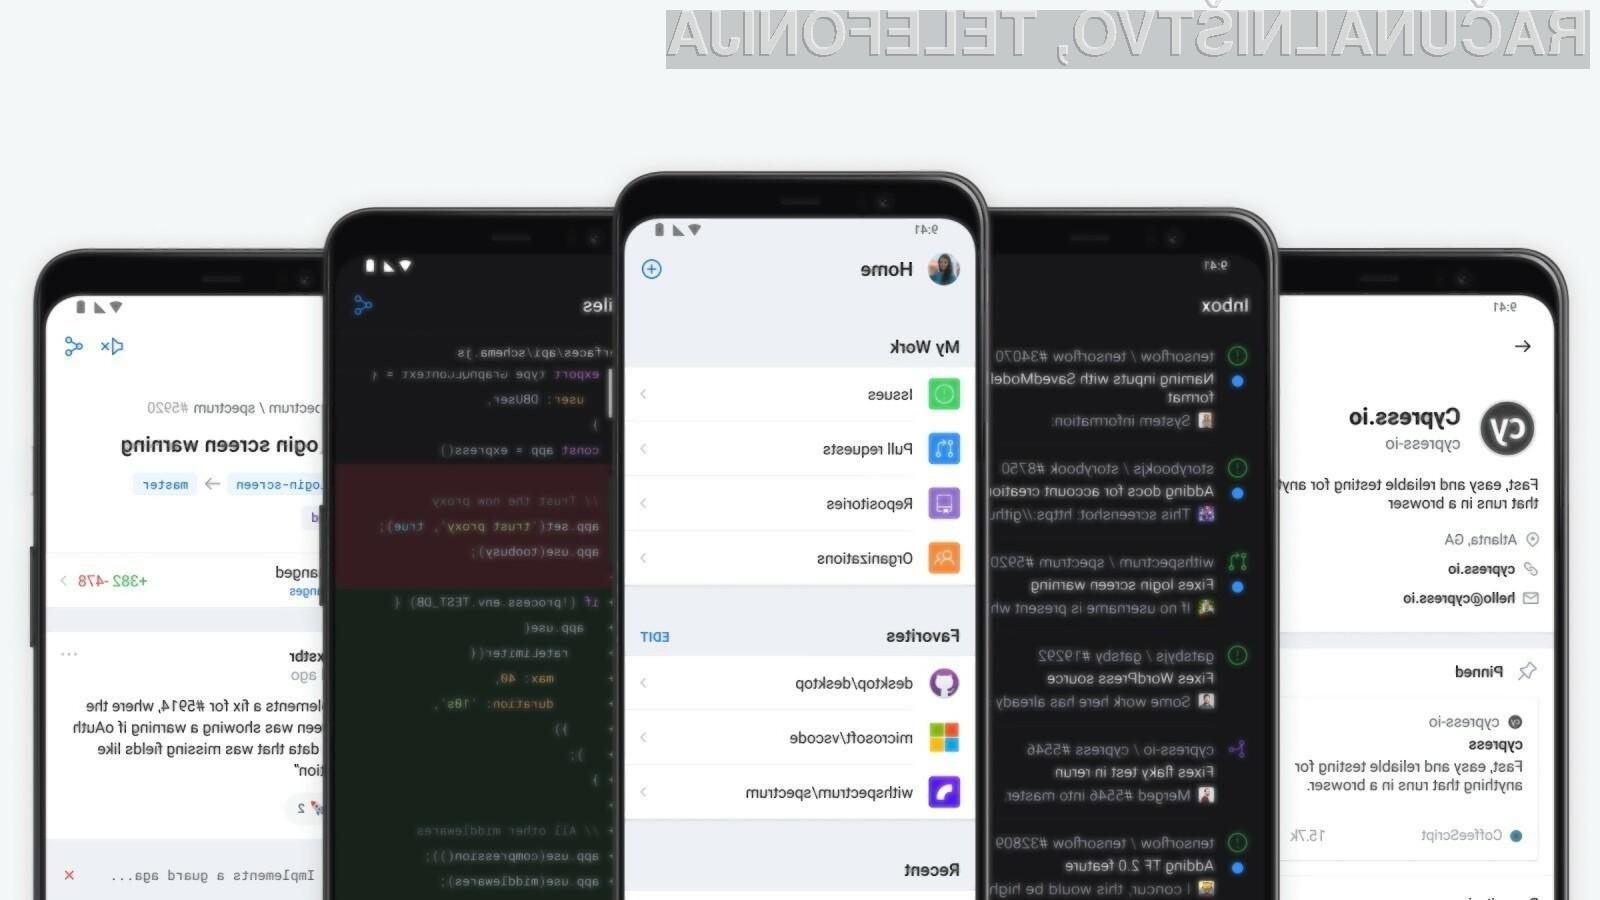 GitHub za Android je trenutno še vedno v poskusni fazi.